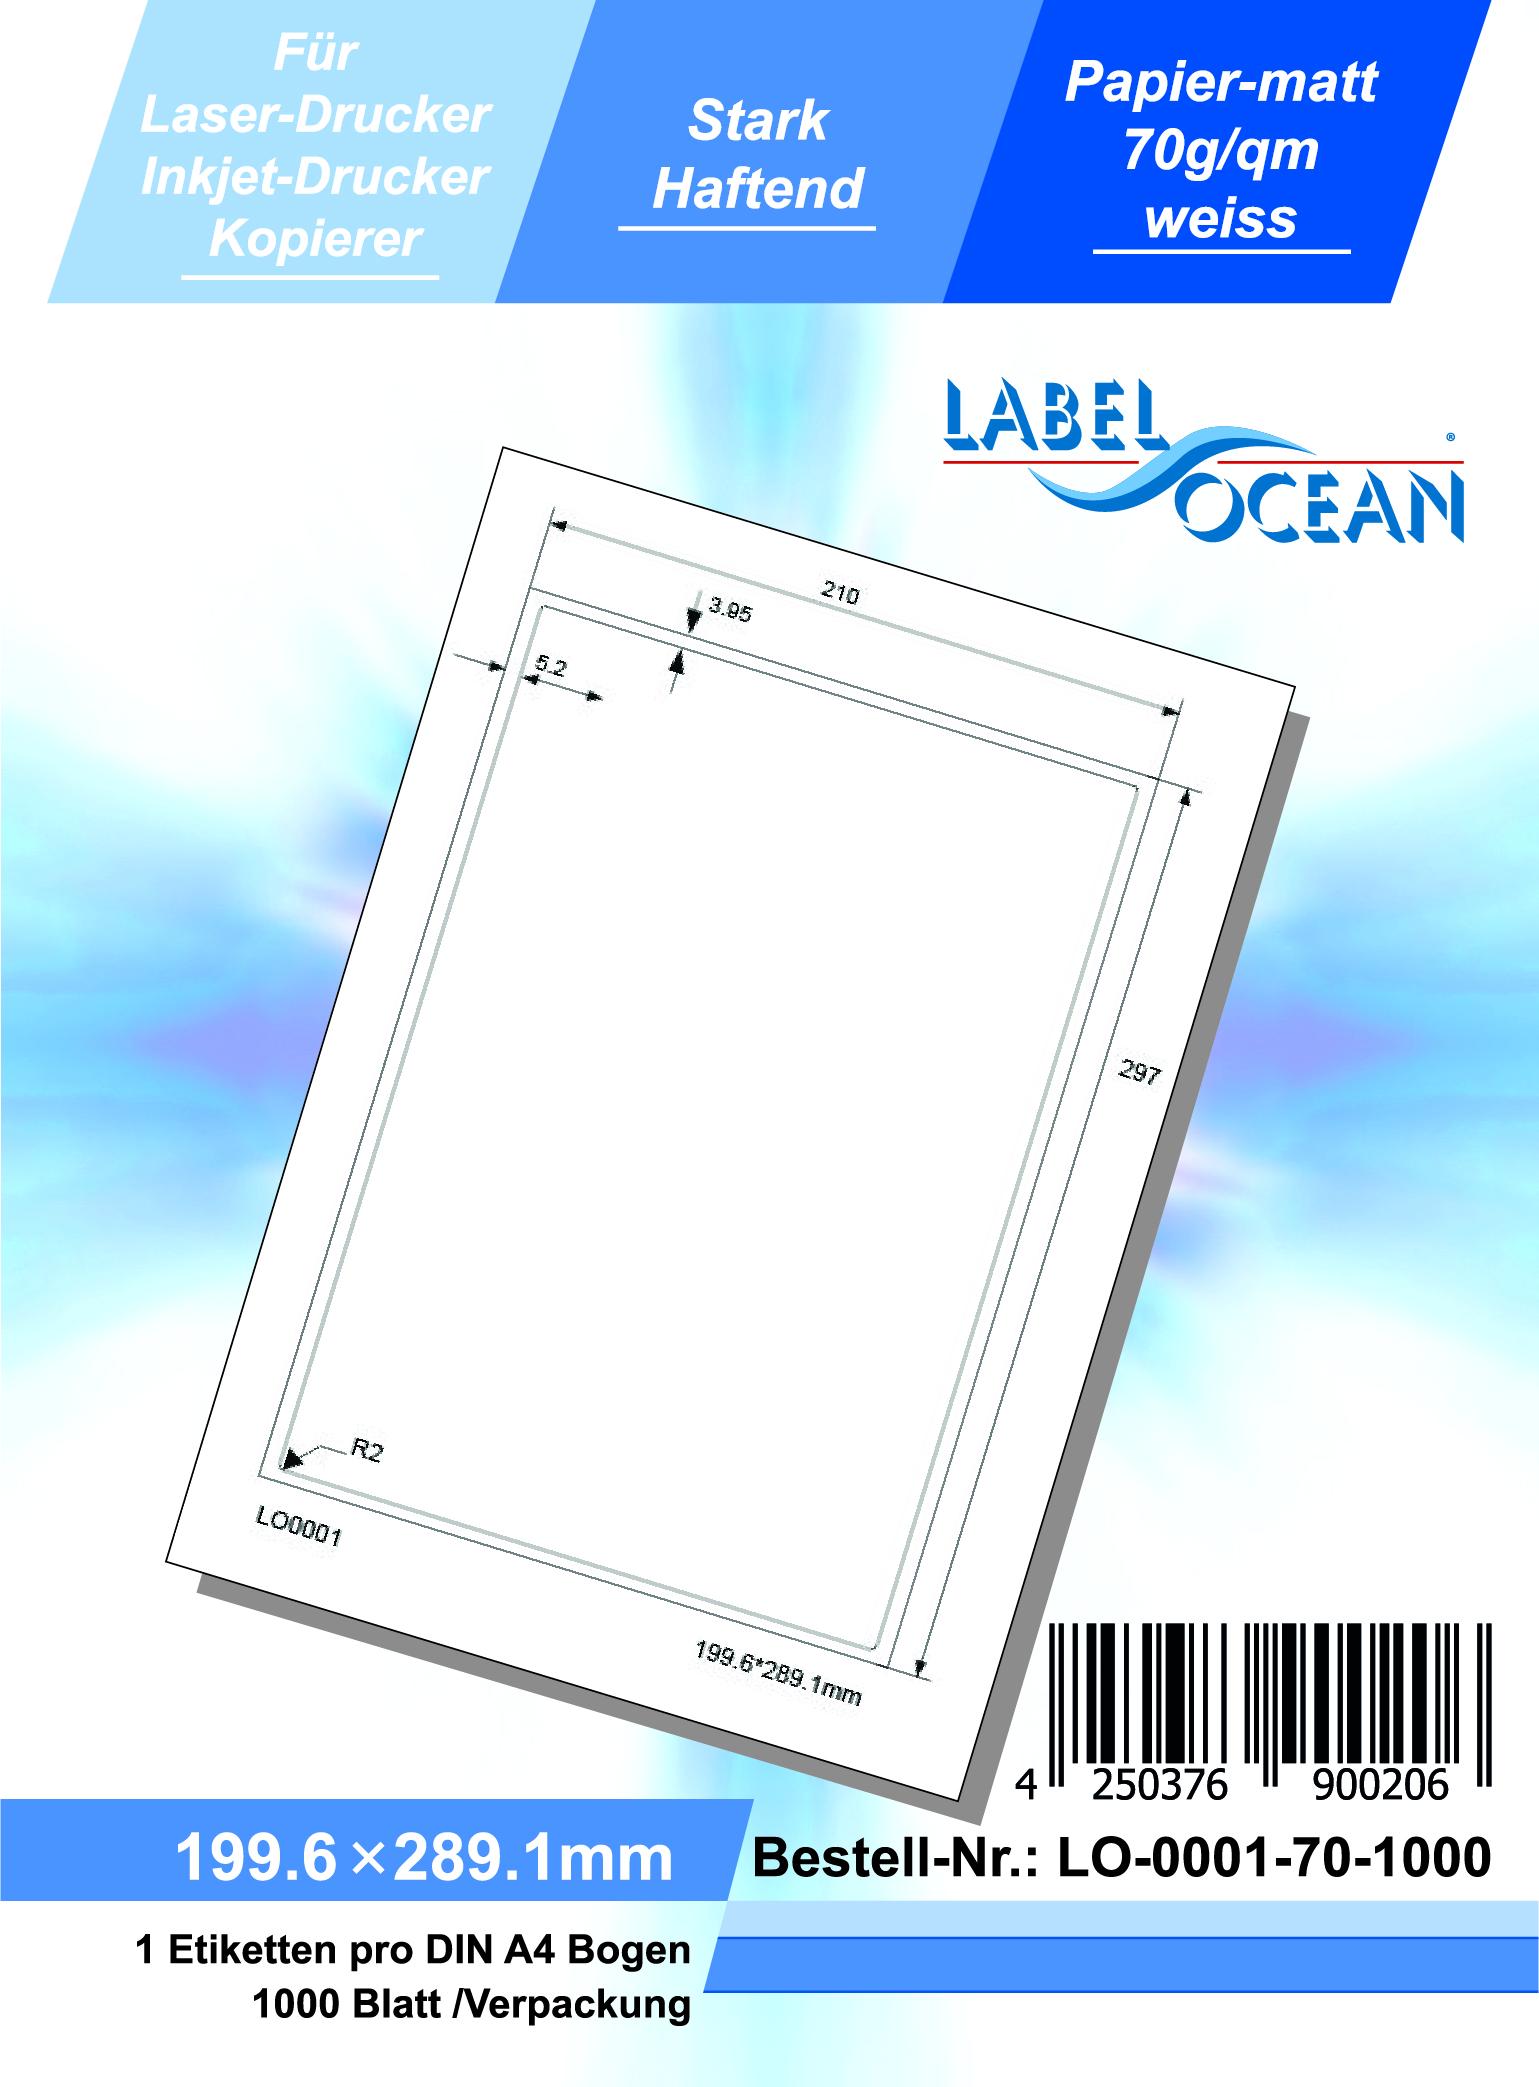 1000 Blatt Laser Inkjet Kopierer Klebeetiketten DIN A4 weiß 199,6x289,1mm